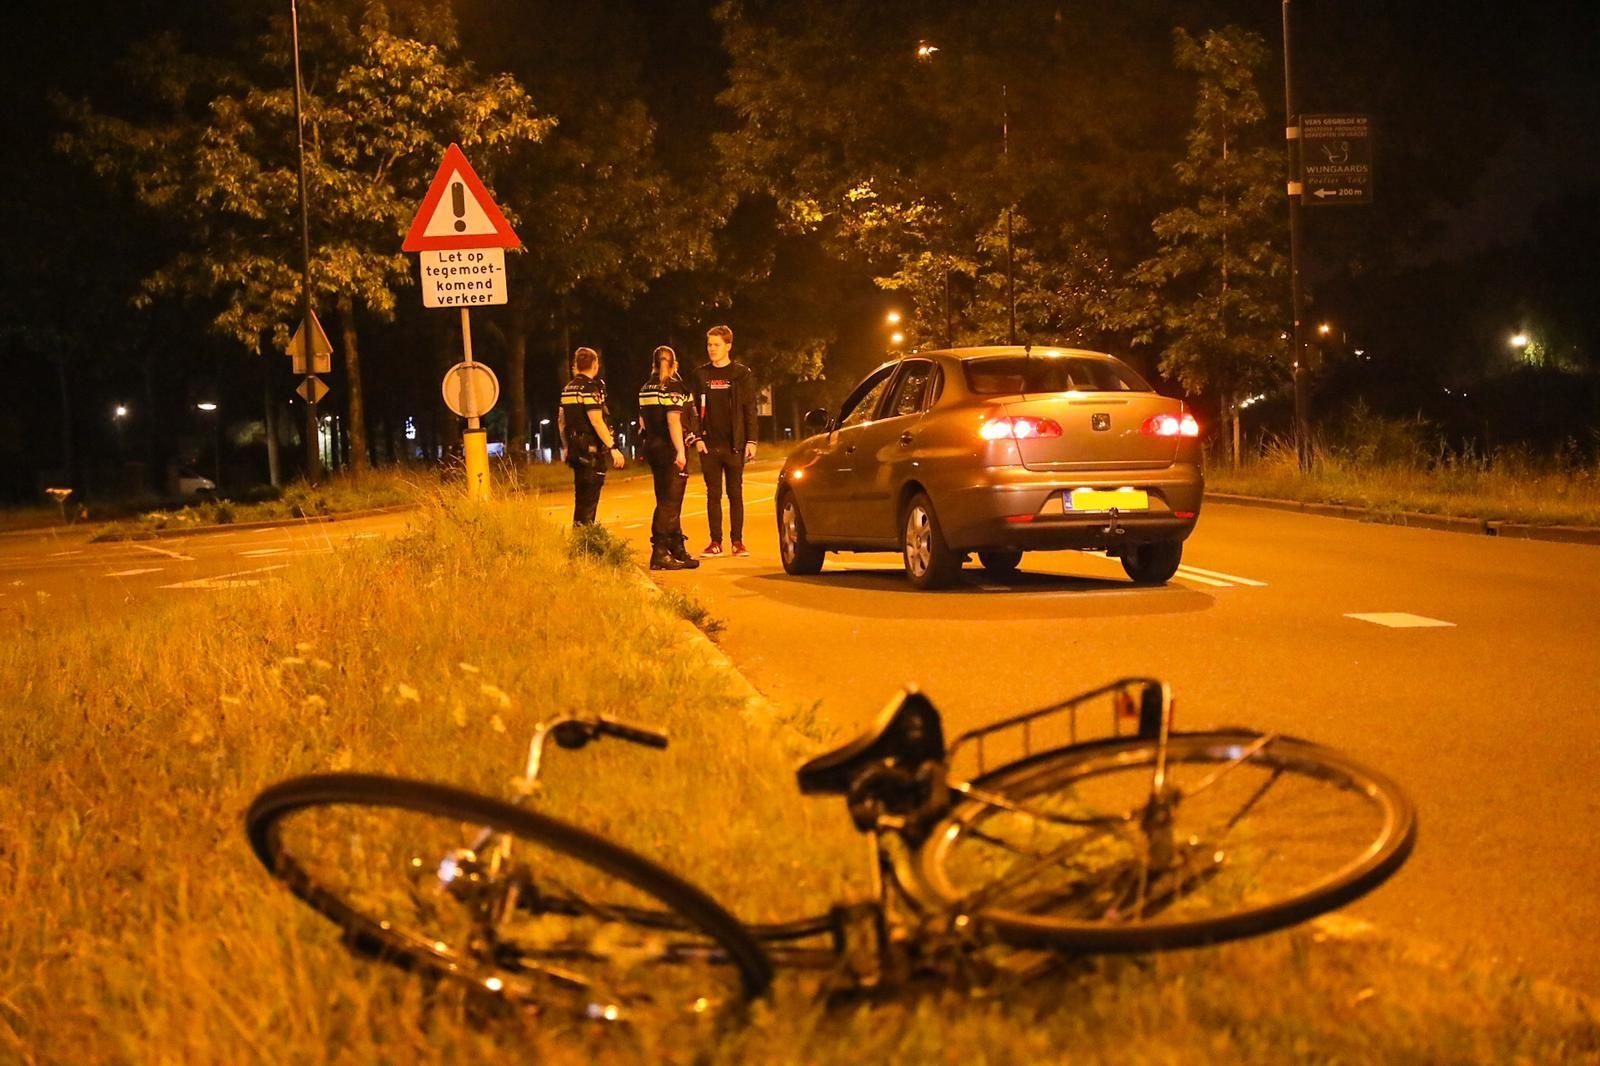 Gezellige avond loopt slecht af; gewonde fietsster moet mee naar ziekenhuis